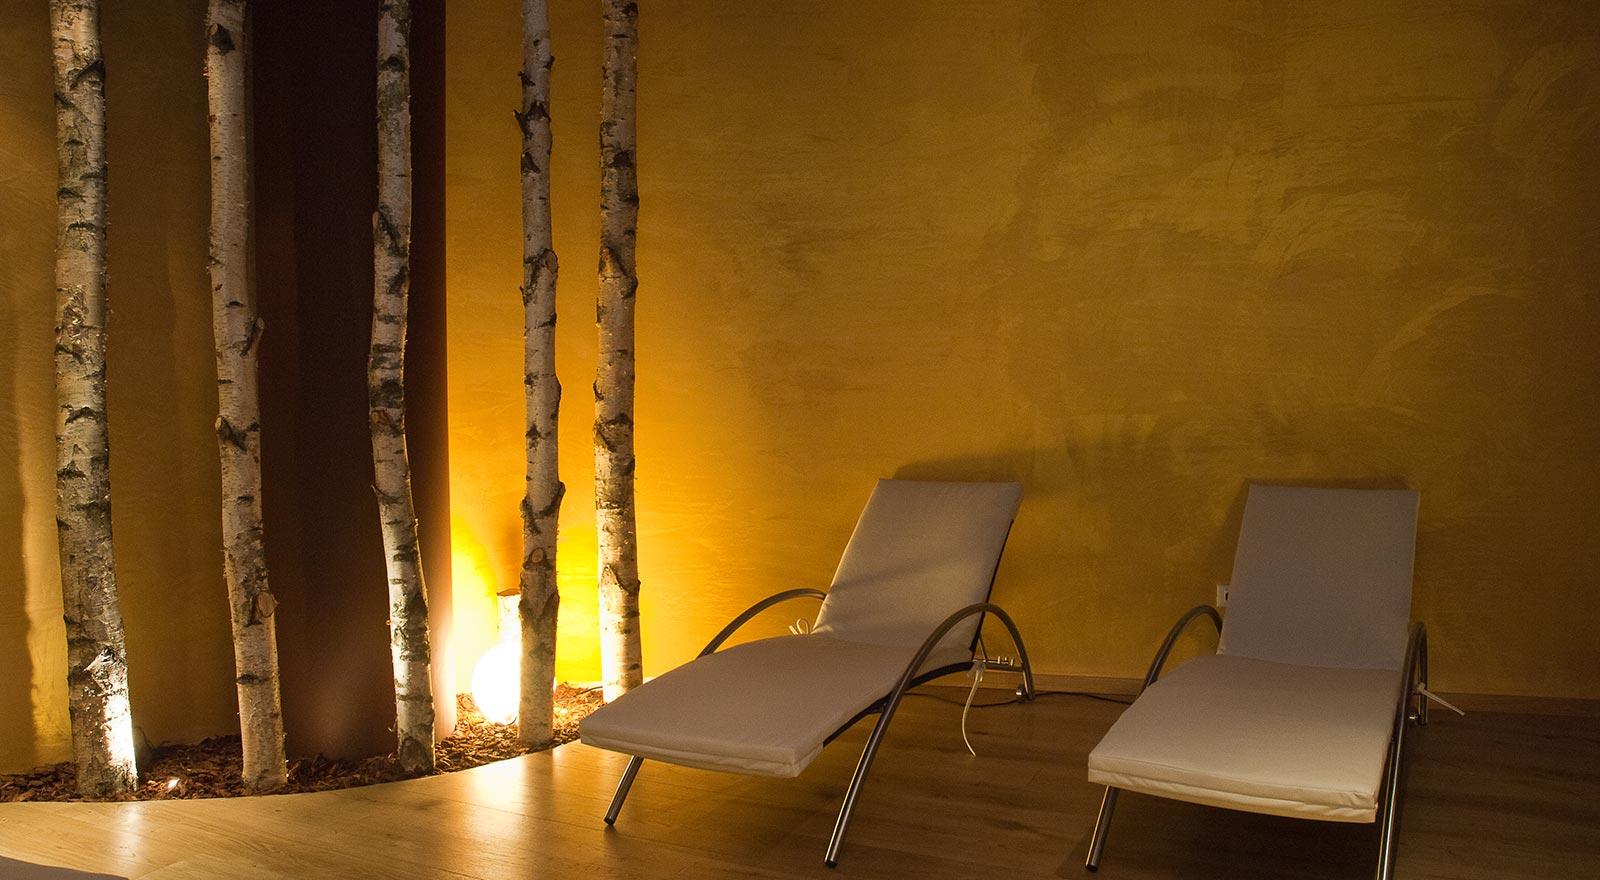 Bagno turco sauna in spa a madonna di campiglio hotel crozzon - Bagno turco controindicazioni ...